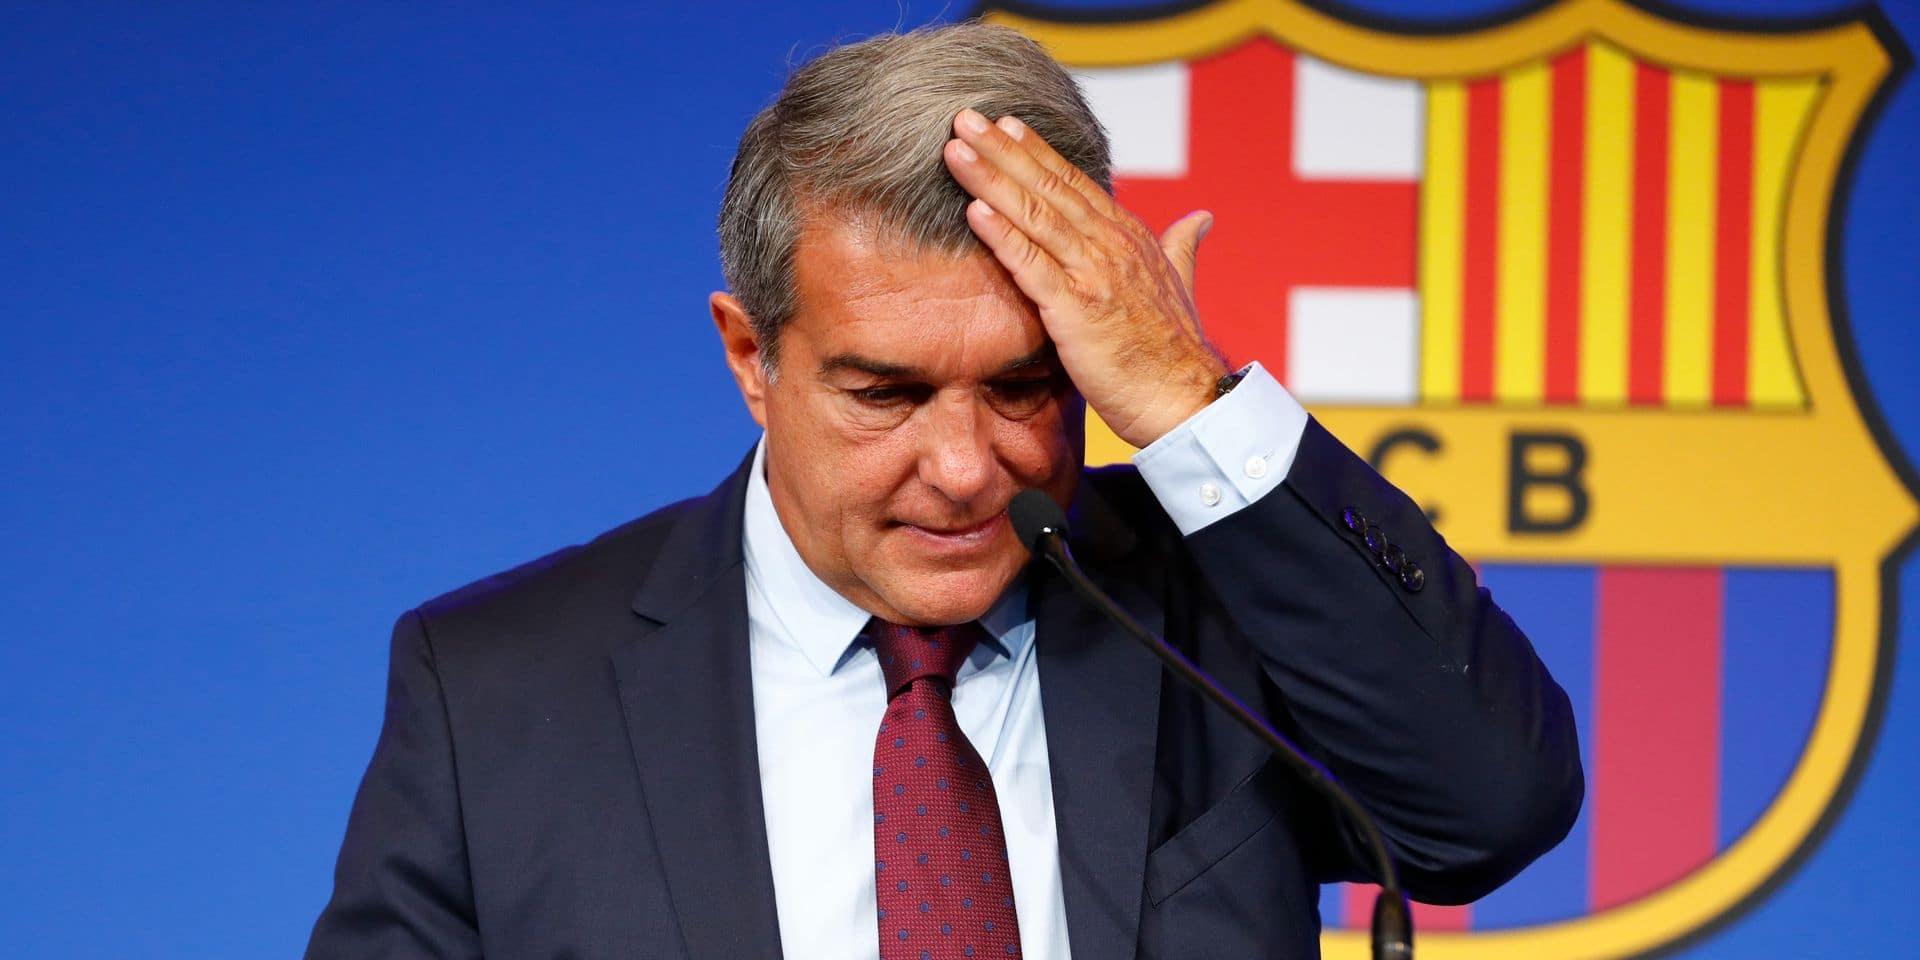 Une situation financière dramatique au Barça: le plafond salarial chute de près de 300 millions d'euros, celui du Real s'envole